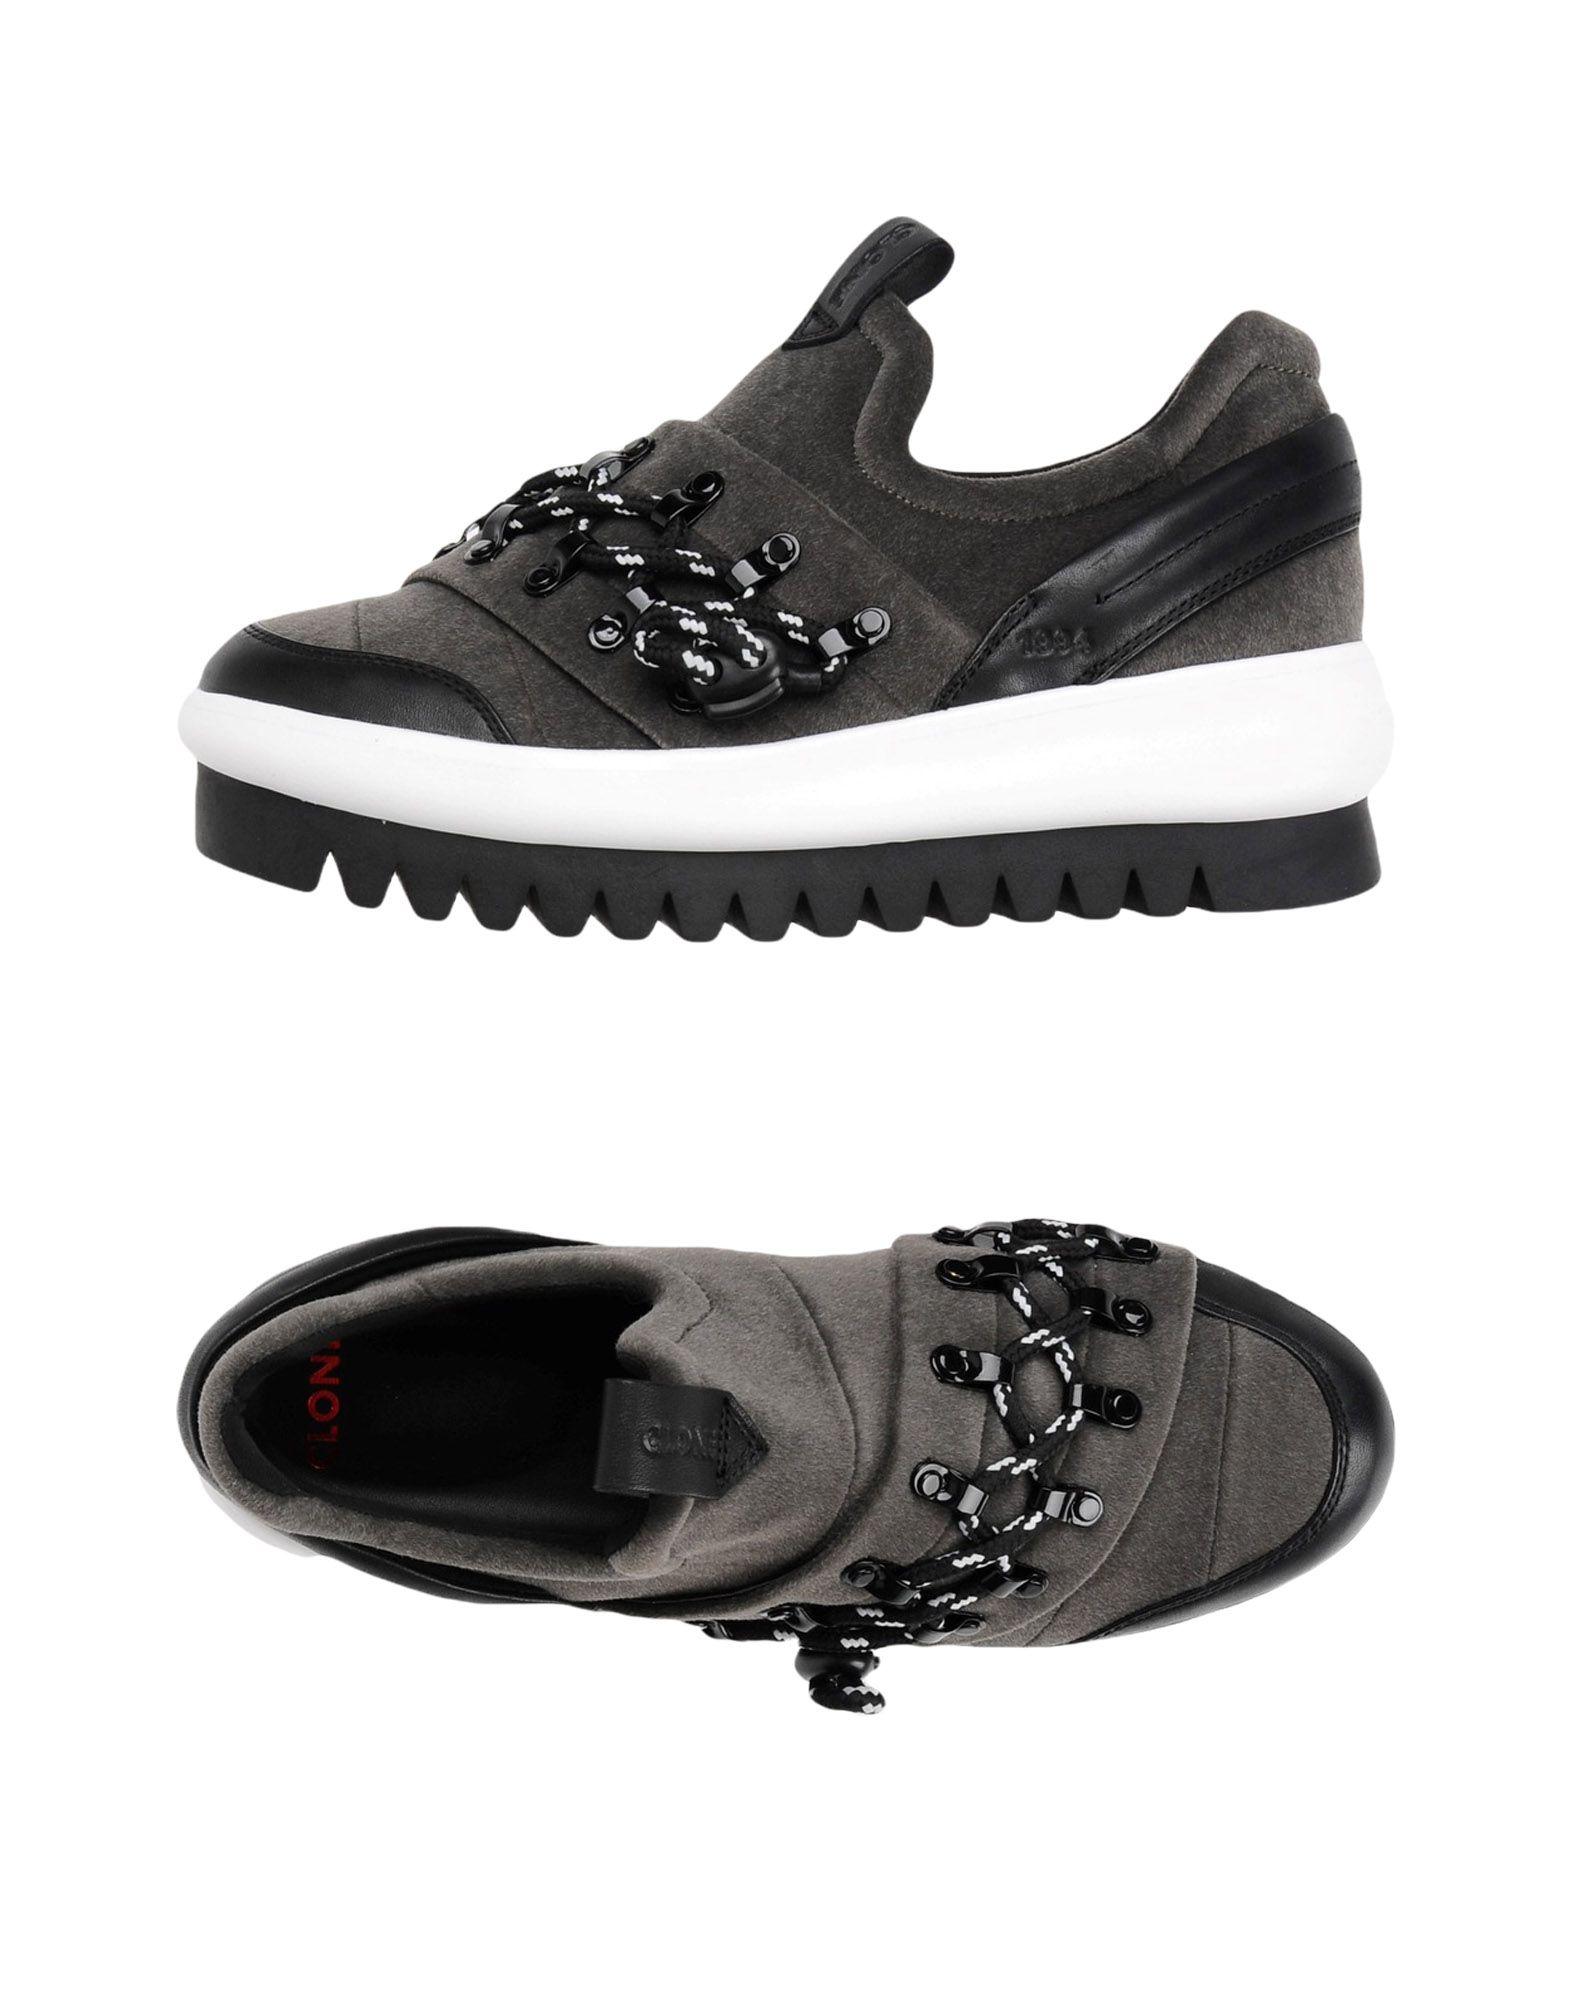 Baskets Clone Rocmoon - Femme - Baskets Clone Gris Dernières chaussures discount pour hommes et femmes